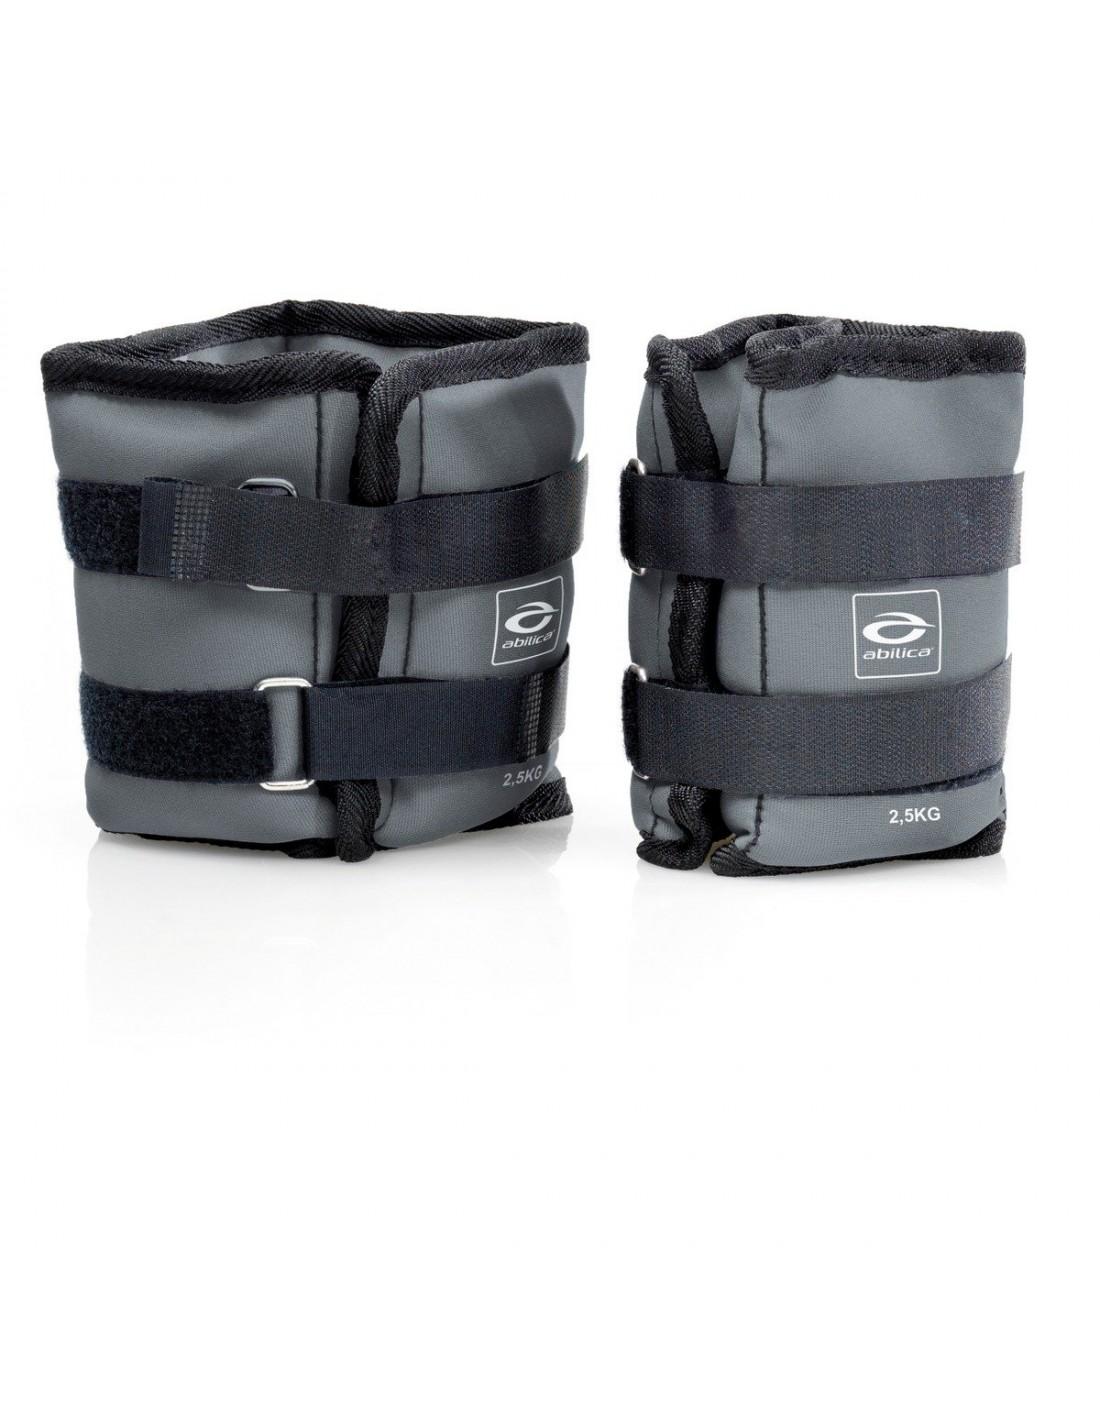 Manualer og Vekter Abilica WeightLoad 2,5 kg 457410 449 kr